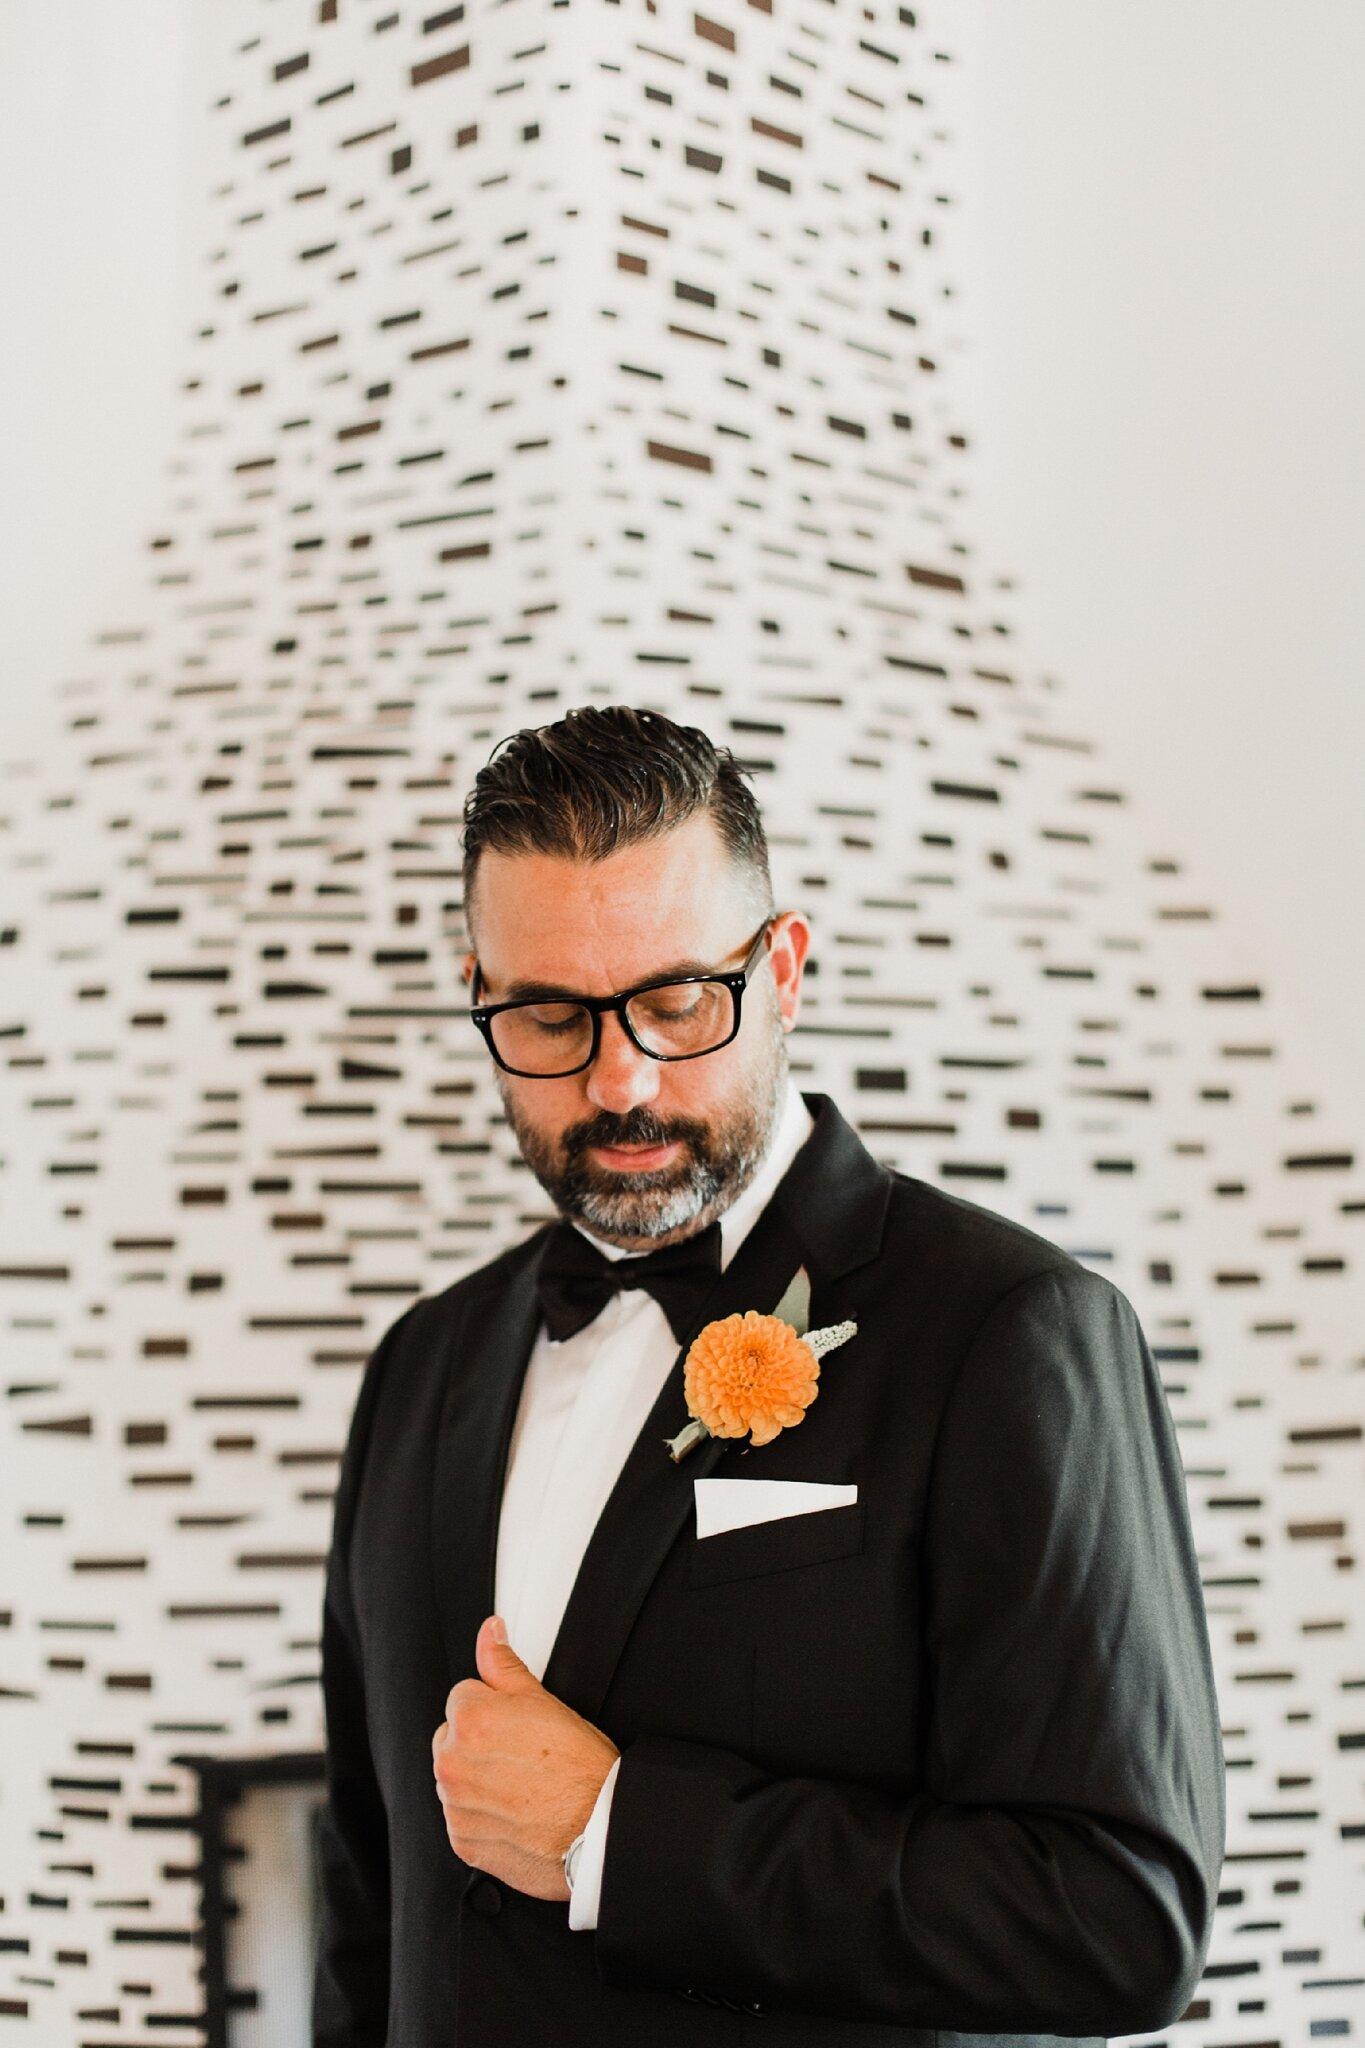 Alicia+lucia+photography+-+albuquerque+wedding+photographer+-+santa+fe+wedding+photography+-+new+mexico+wedding+photographer+-+new+mexico+wedding+-+bed+and+breakfast+wedding+-+sarabande+wedding+-+sarabande+bed+and+breakfast+wedding_0041.jpg